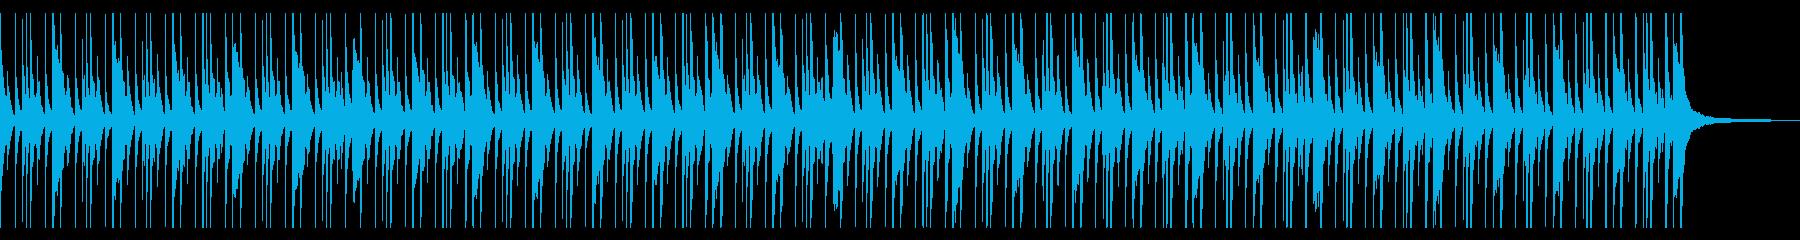 考え中 シュール ソロドラムの再生済みの波形